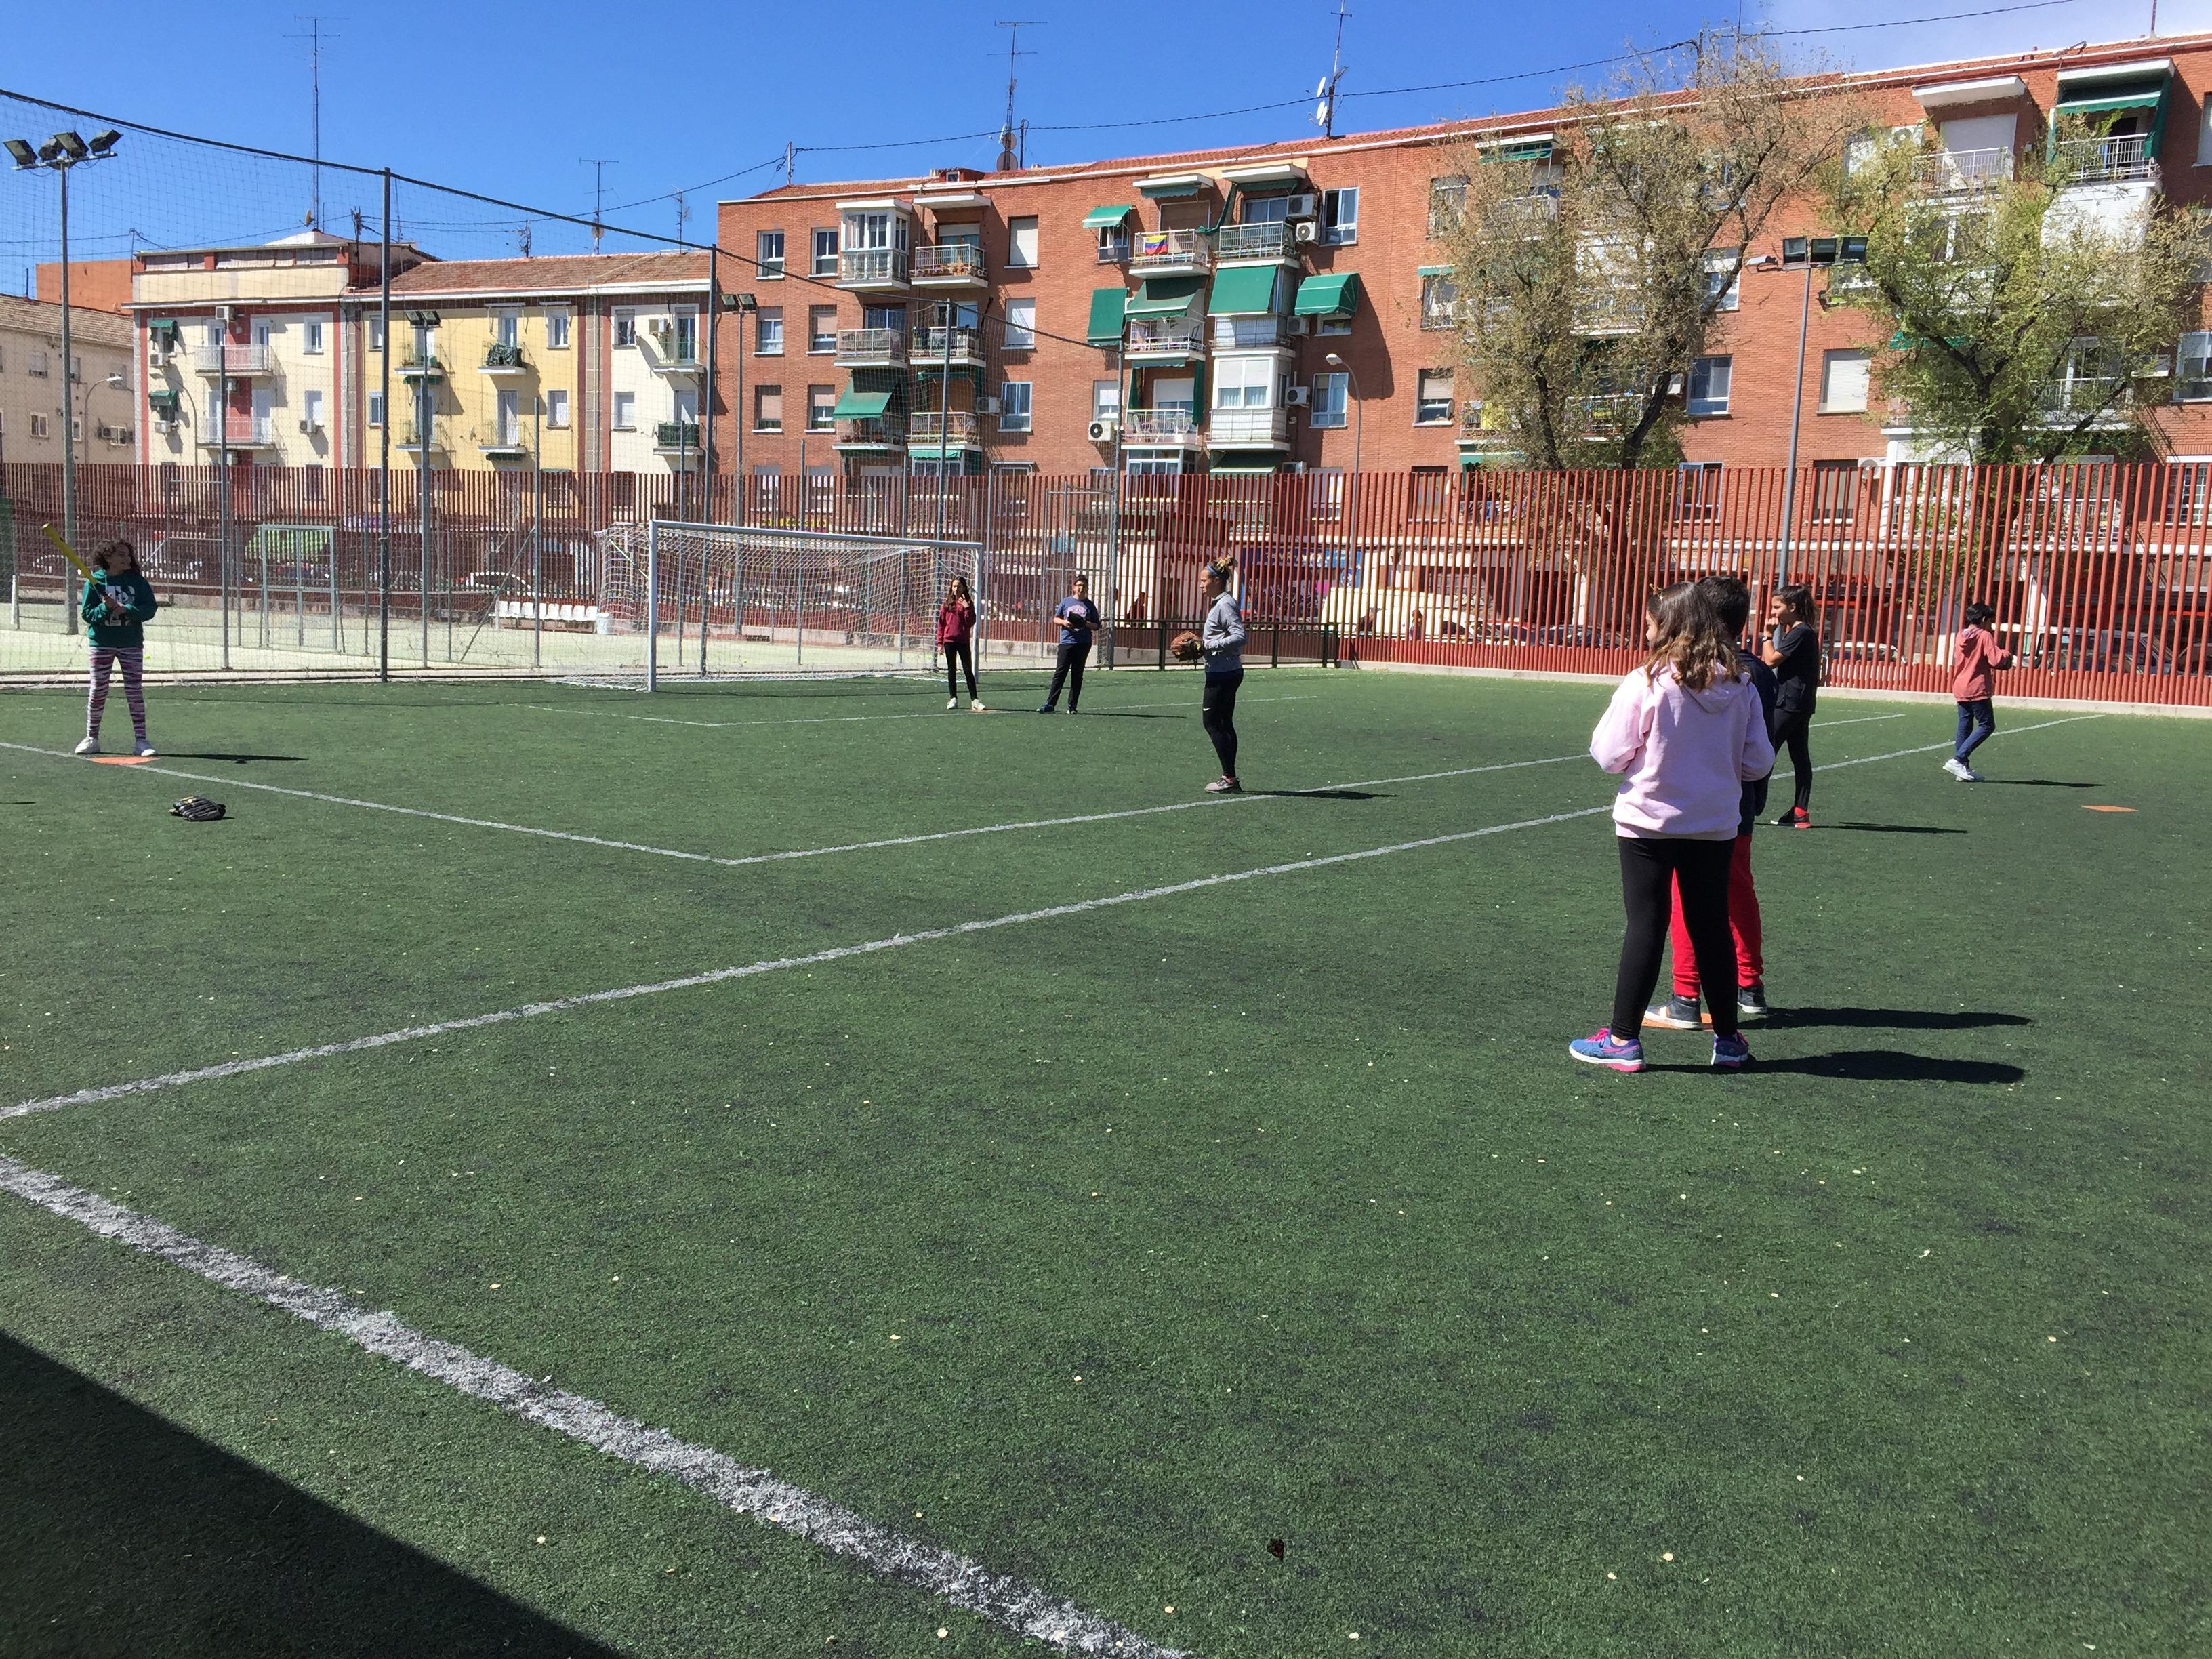 MAÑANAS ACTIVAS. Polideportivo San Vicente de Paul. 24